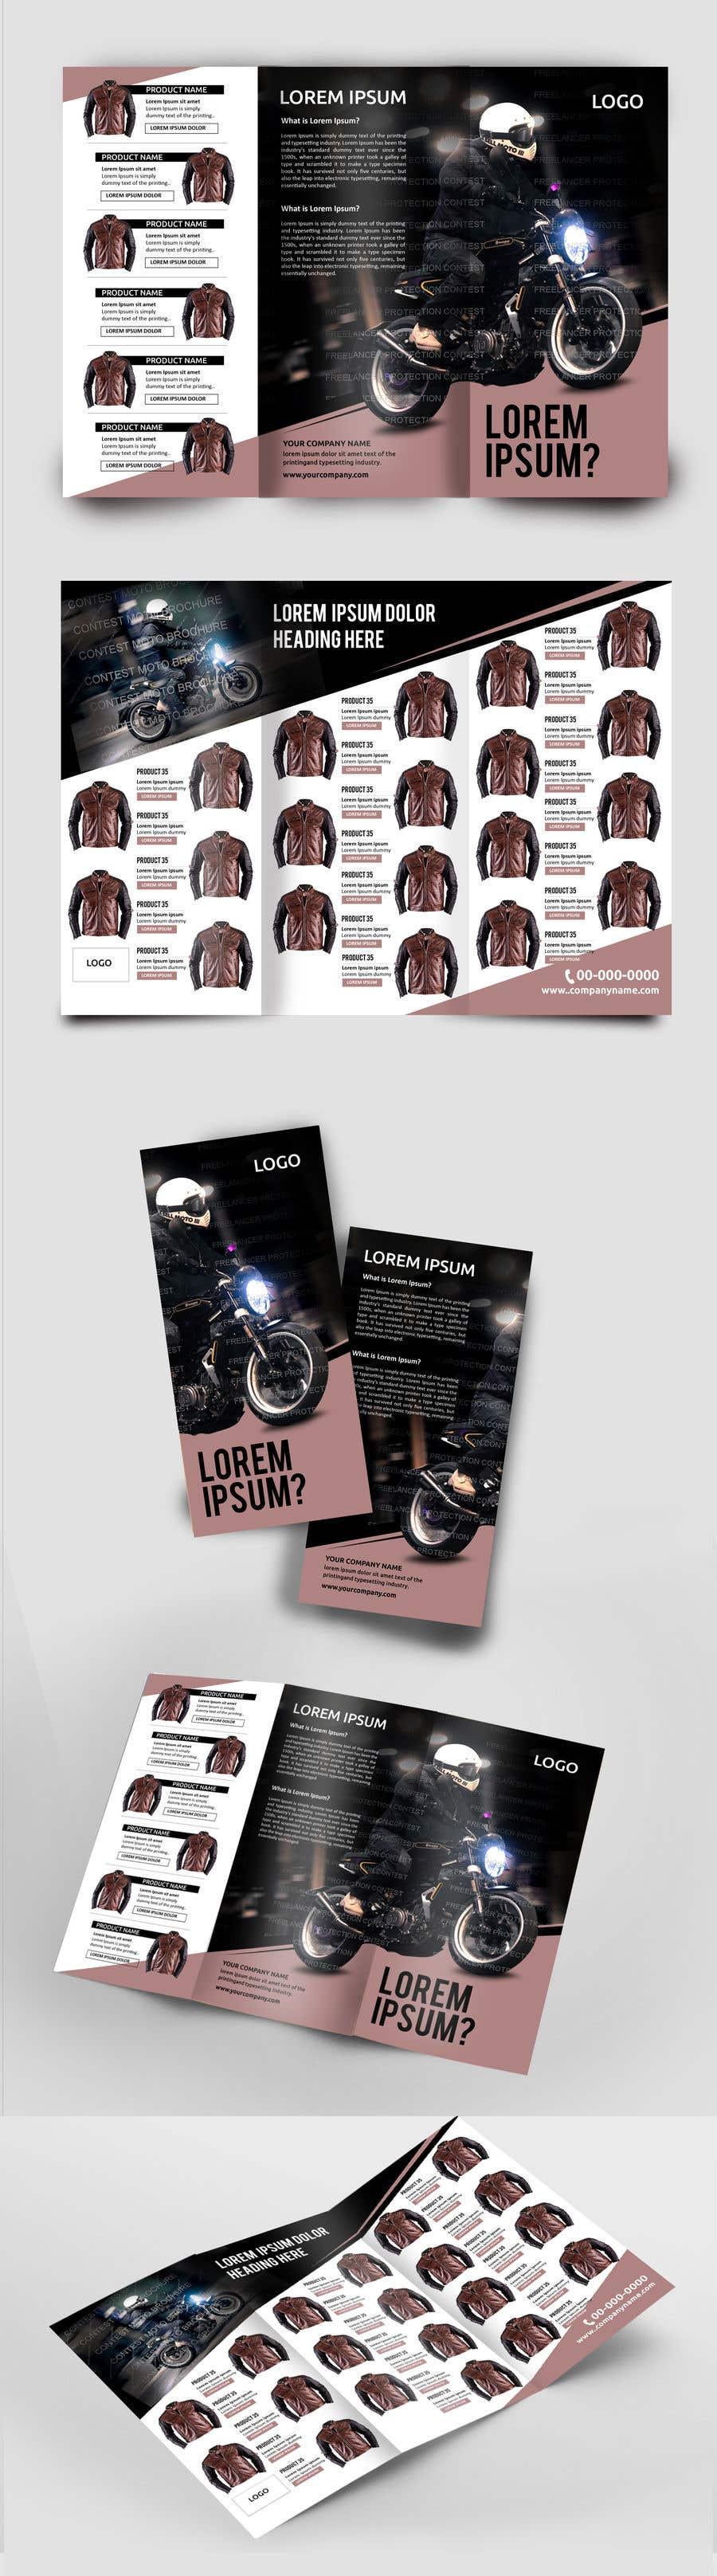 Penyertaan Peraduan #33 untuk motorbike clothing catalog